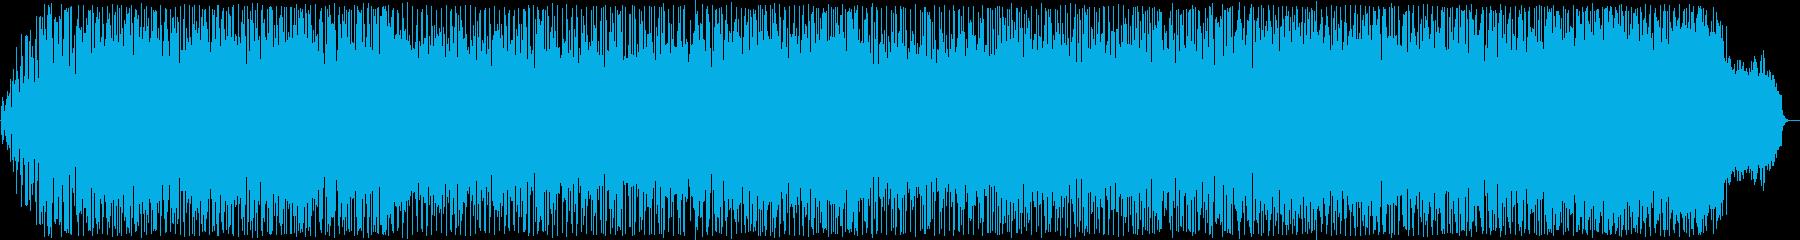 スピード感のあるポップス曲の再生済みの波形